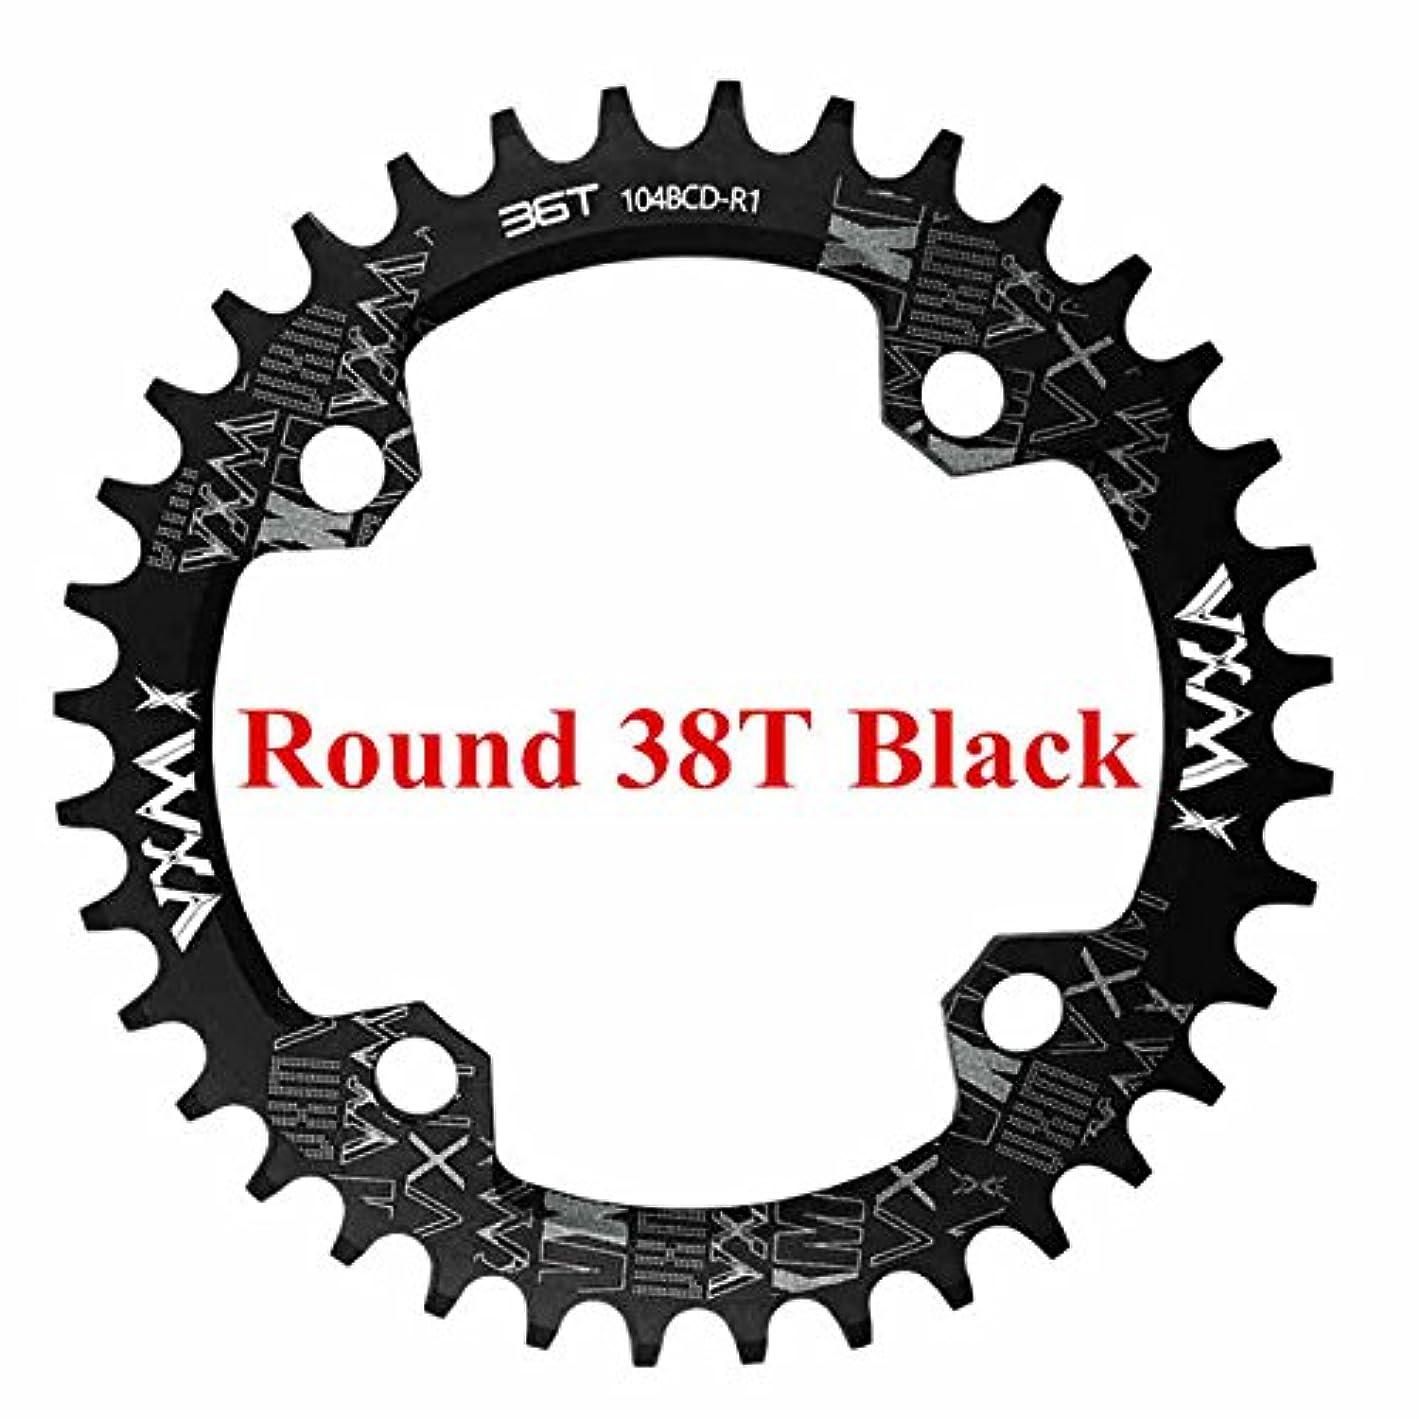 つま先商人交じるPropenary - 自転車104BCDクランクオーバルラウンド30T 32T 34T 36T 38T 40T 42T 44T 46T 48T 50T 52TチェーンホイールXT狭い広い自転車チェーンリング[ラウンド38Tブラック]